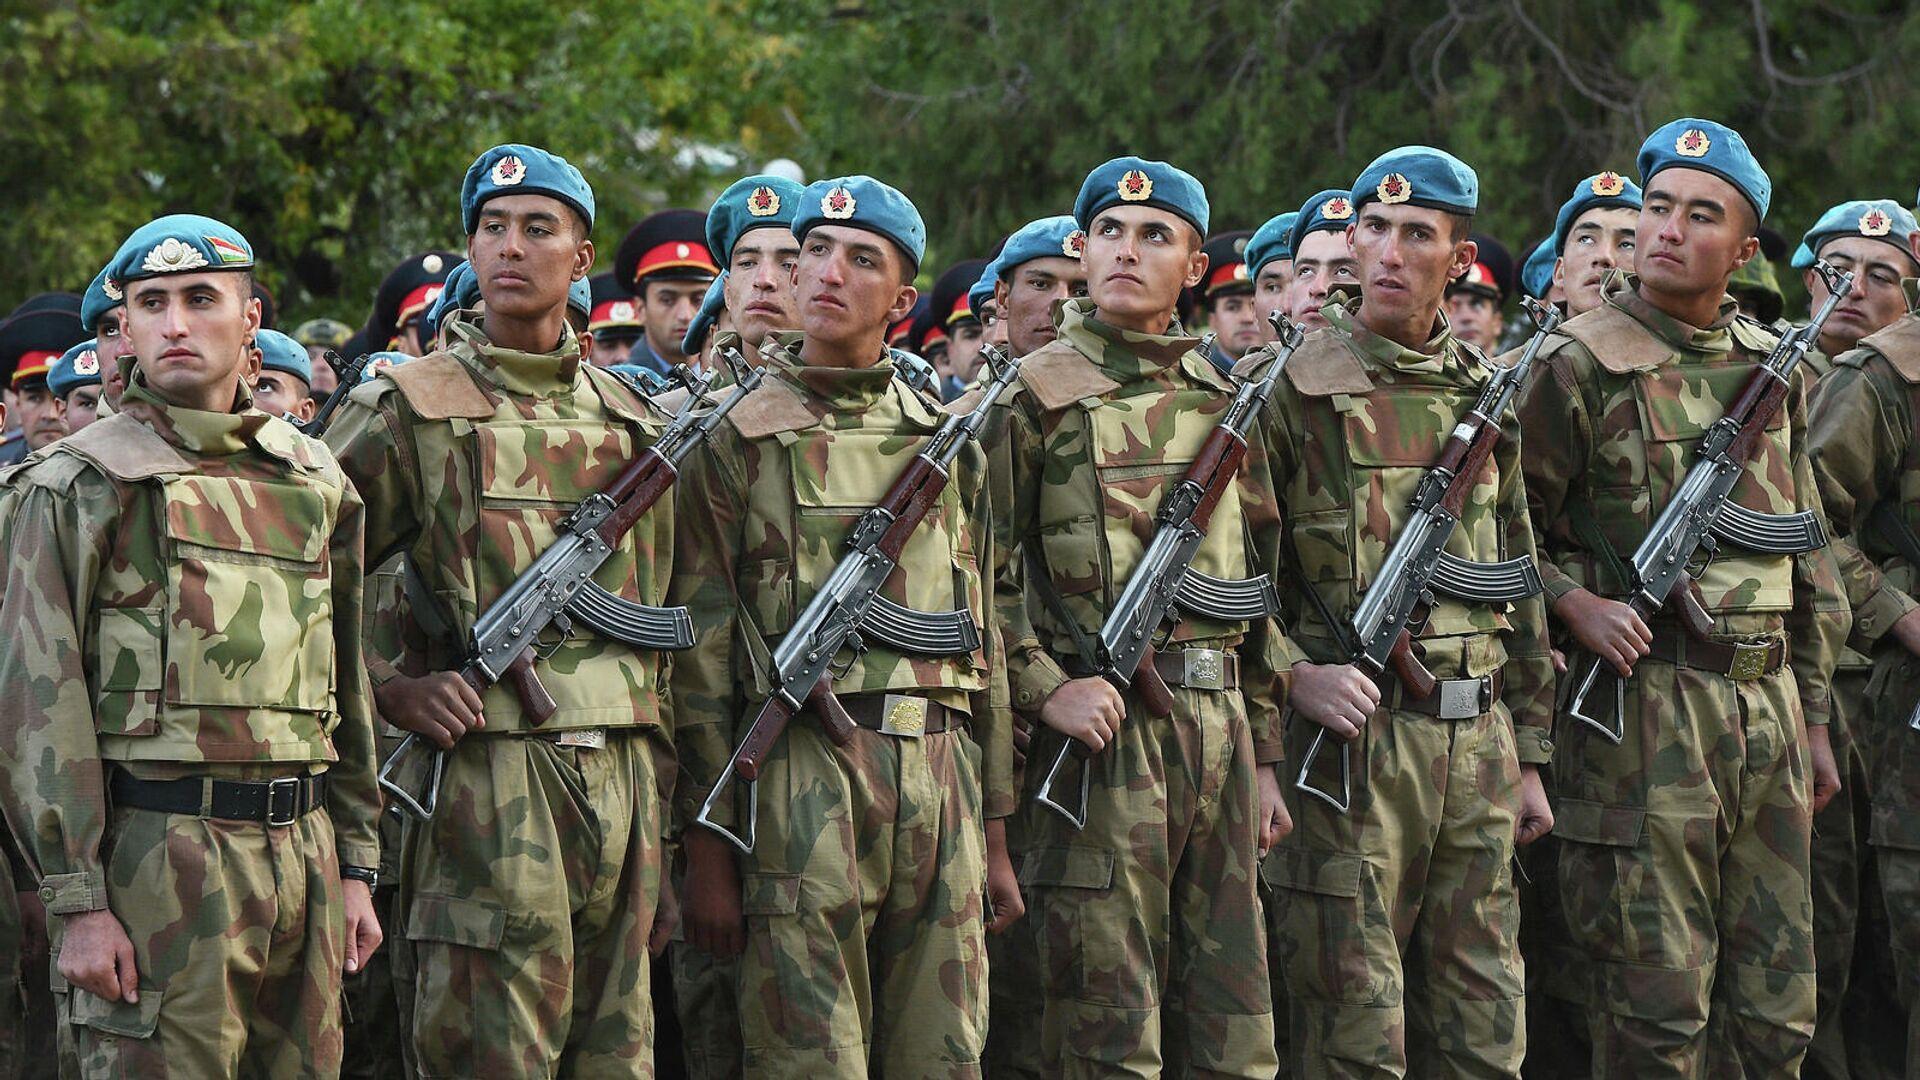 Таджикские военные на параде  - Sputnik Тоҷикистон, 1920, 30.09.2021